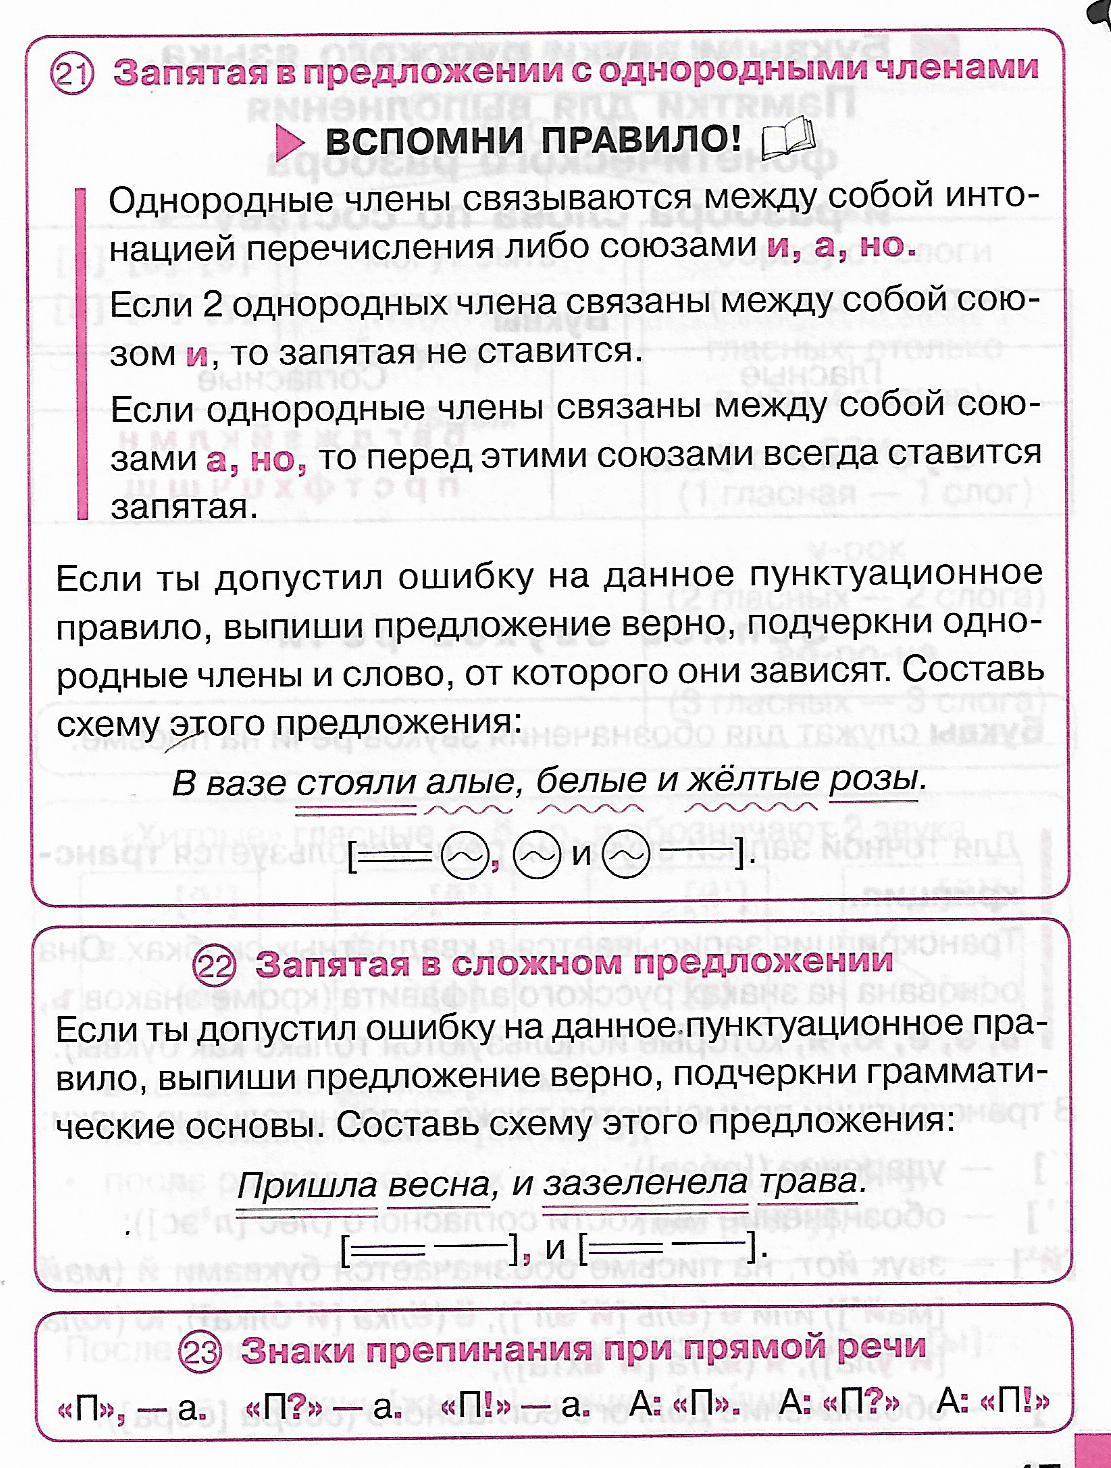 postroenie-predlozheniy-s-odnorodnimi-chlenami